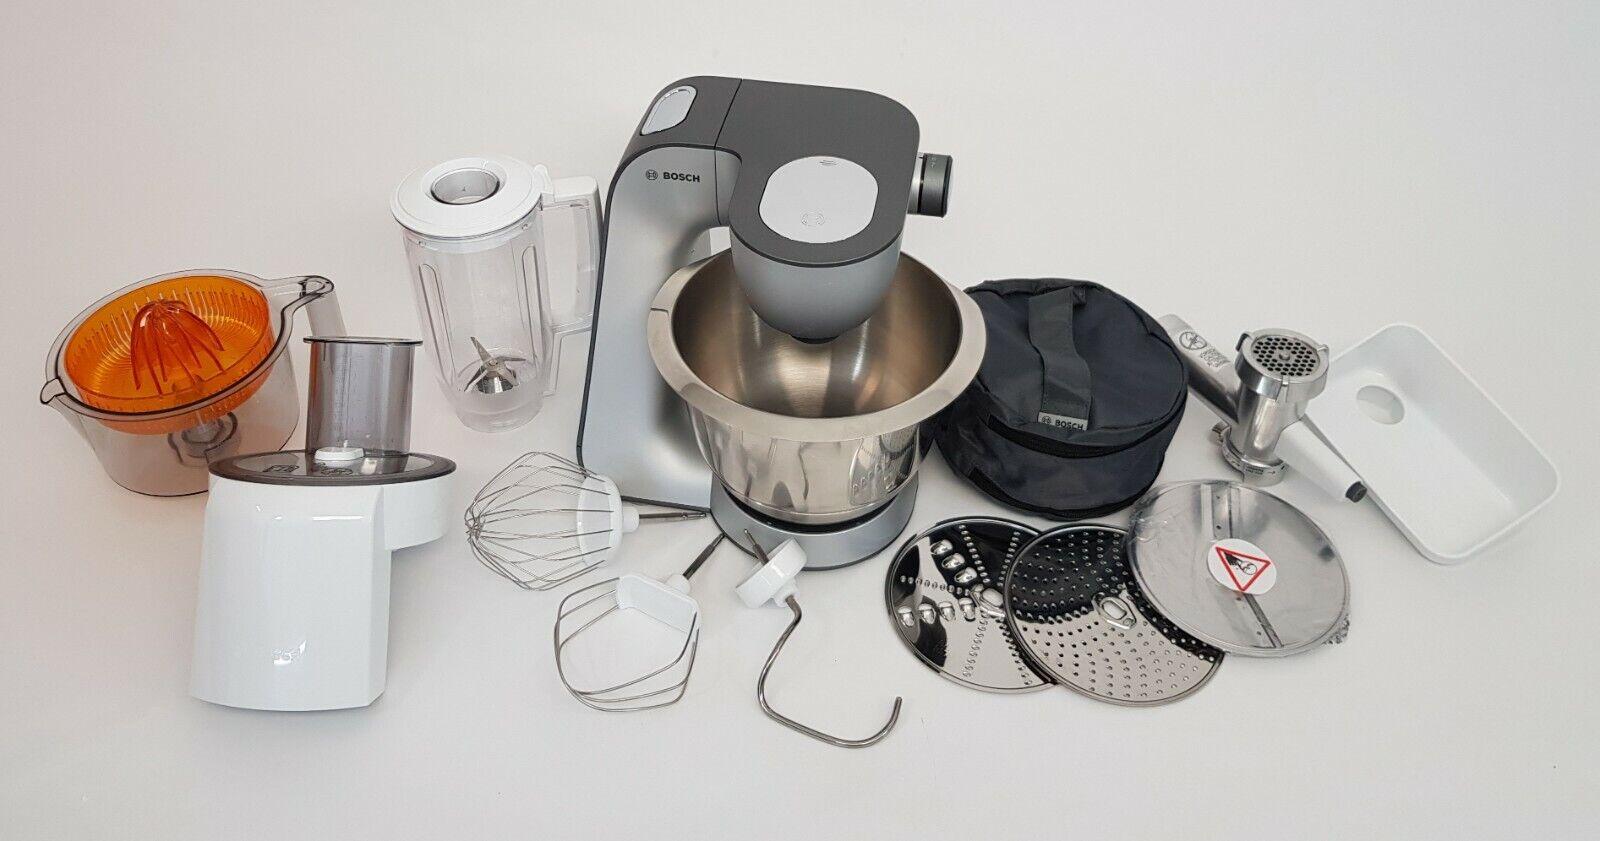 Mixer Küchenmaschine Fleischwolf Zerkleiner Blender Bosch MUM56340, Gebraucht